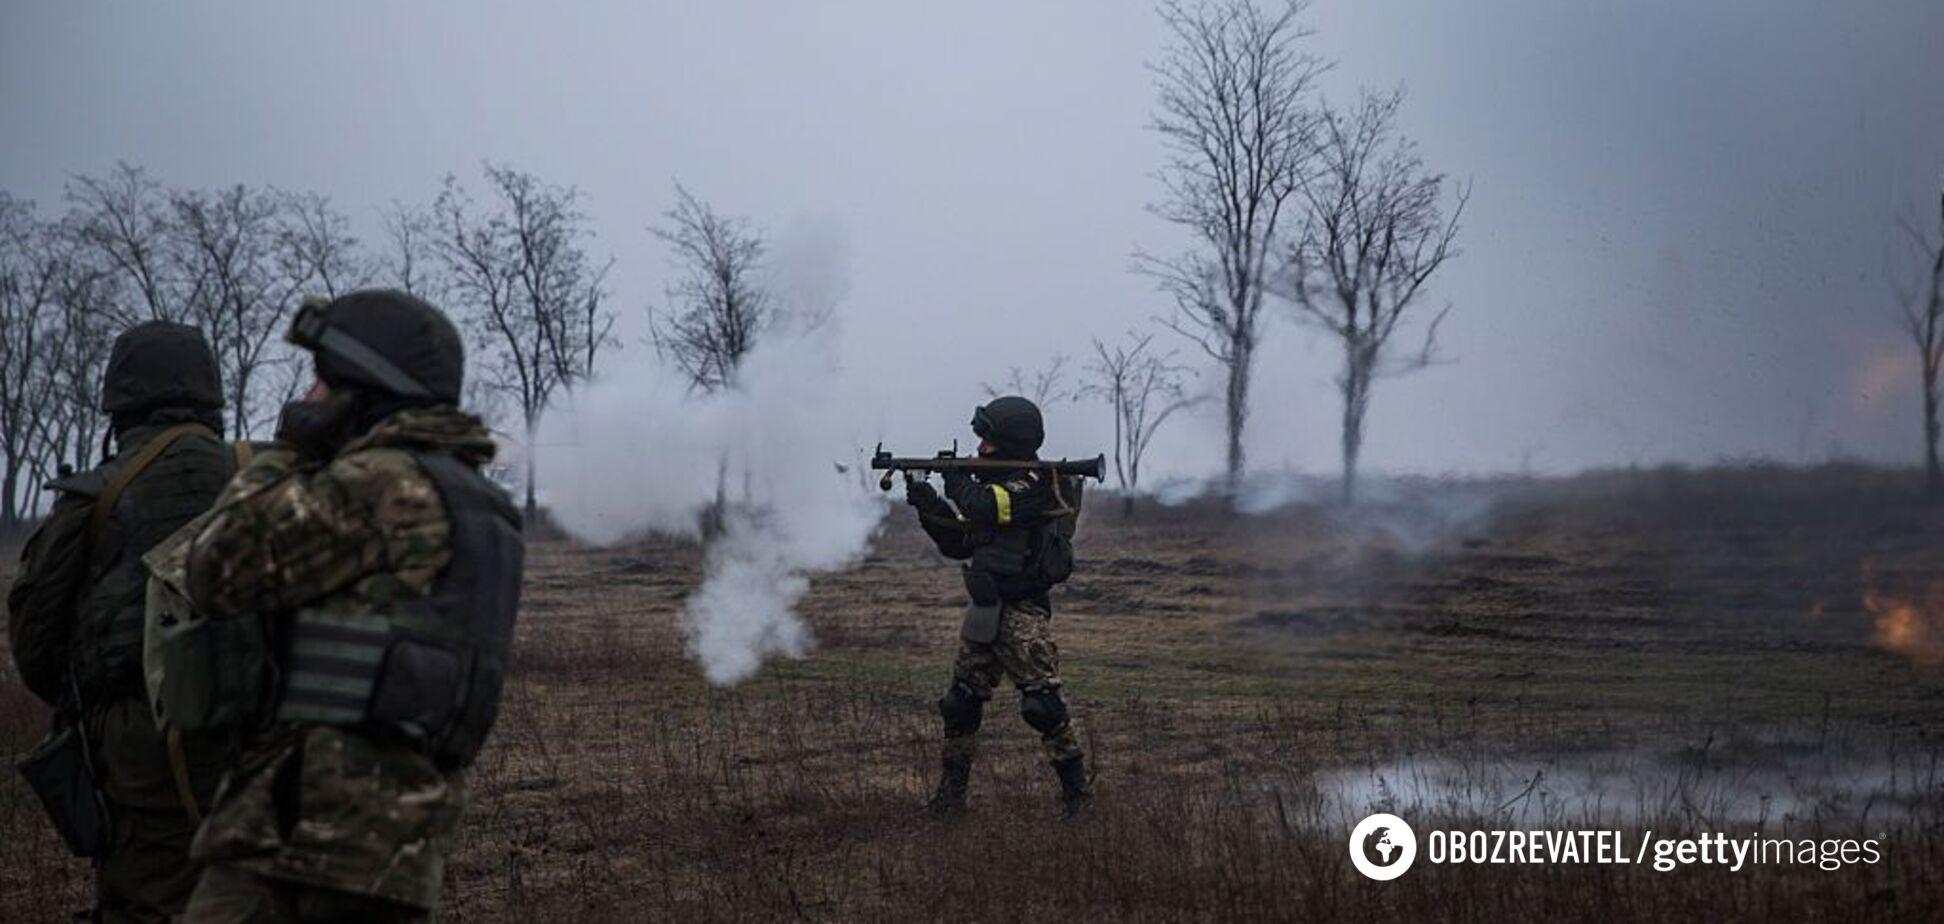 'Потеряем сотни тысяч жизней!' Военный раскрыл план окончания войны на Донбассе